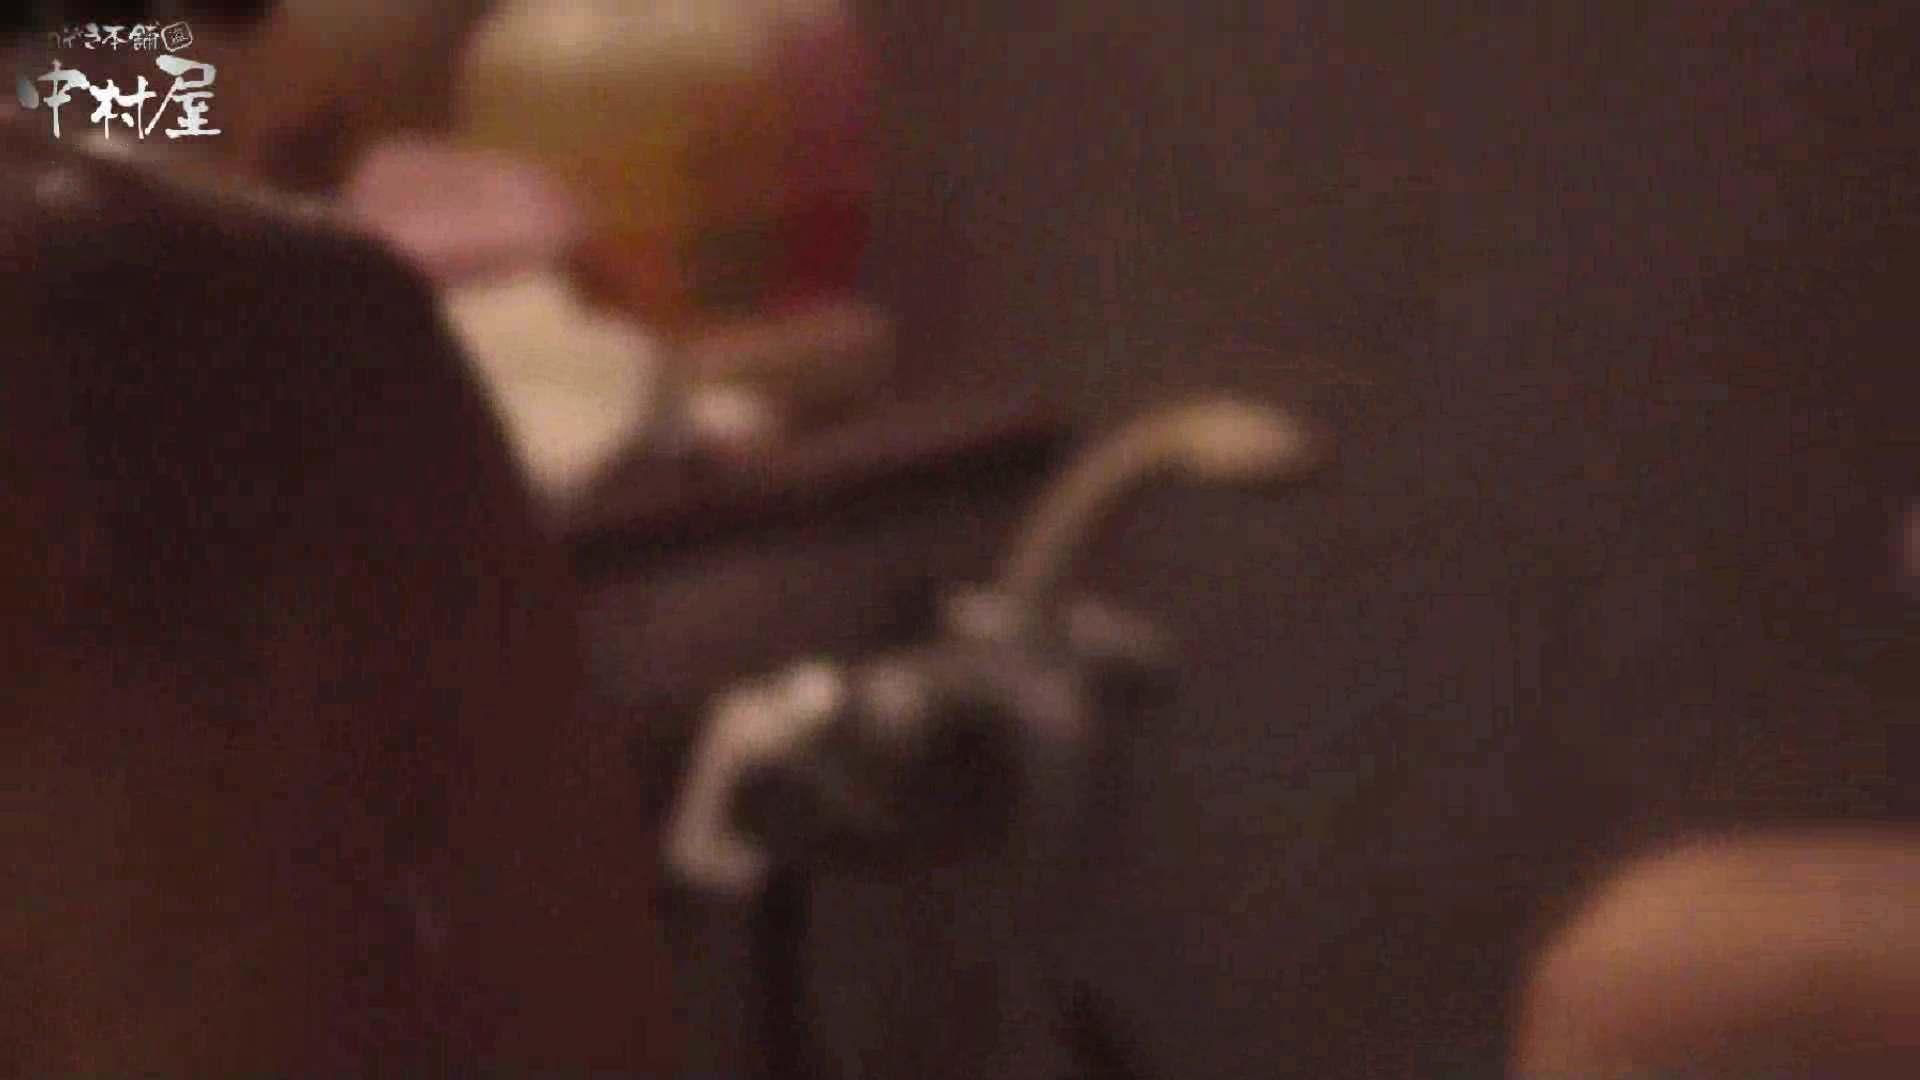 民家風呂専門盗撮師の超危険映像 vol.009 OLセックス | 盗撮  104画像 79